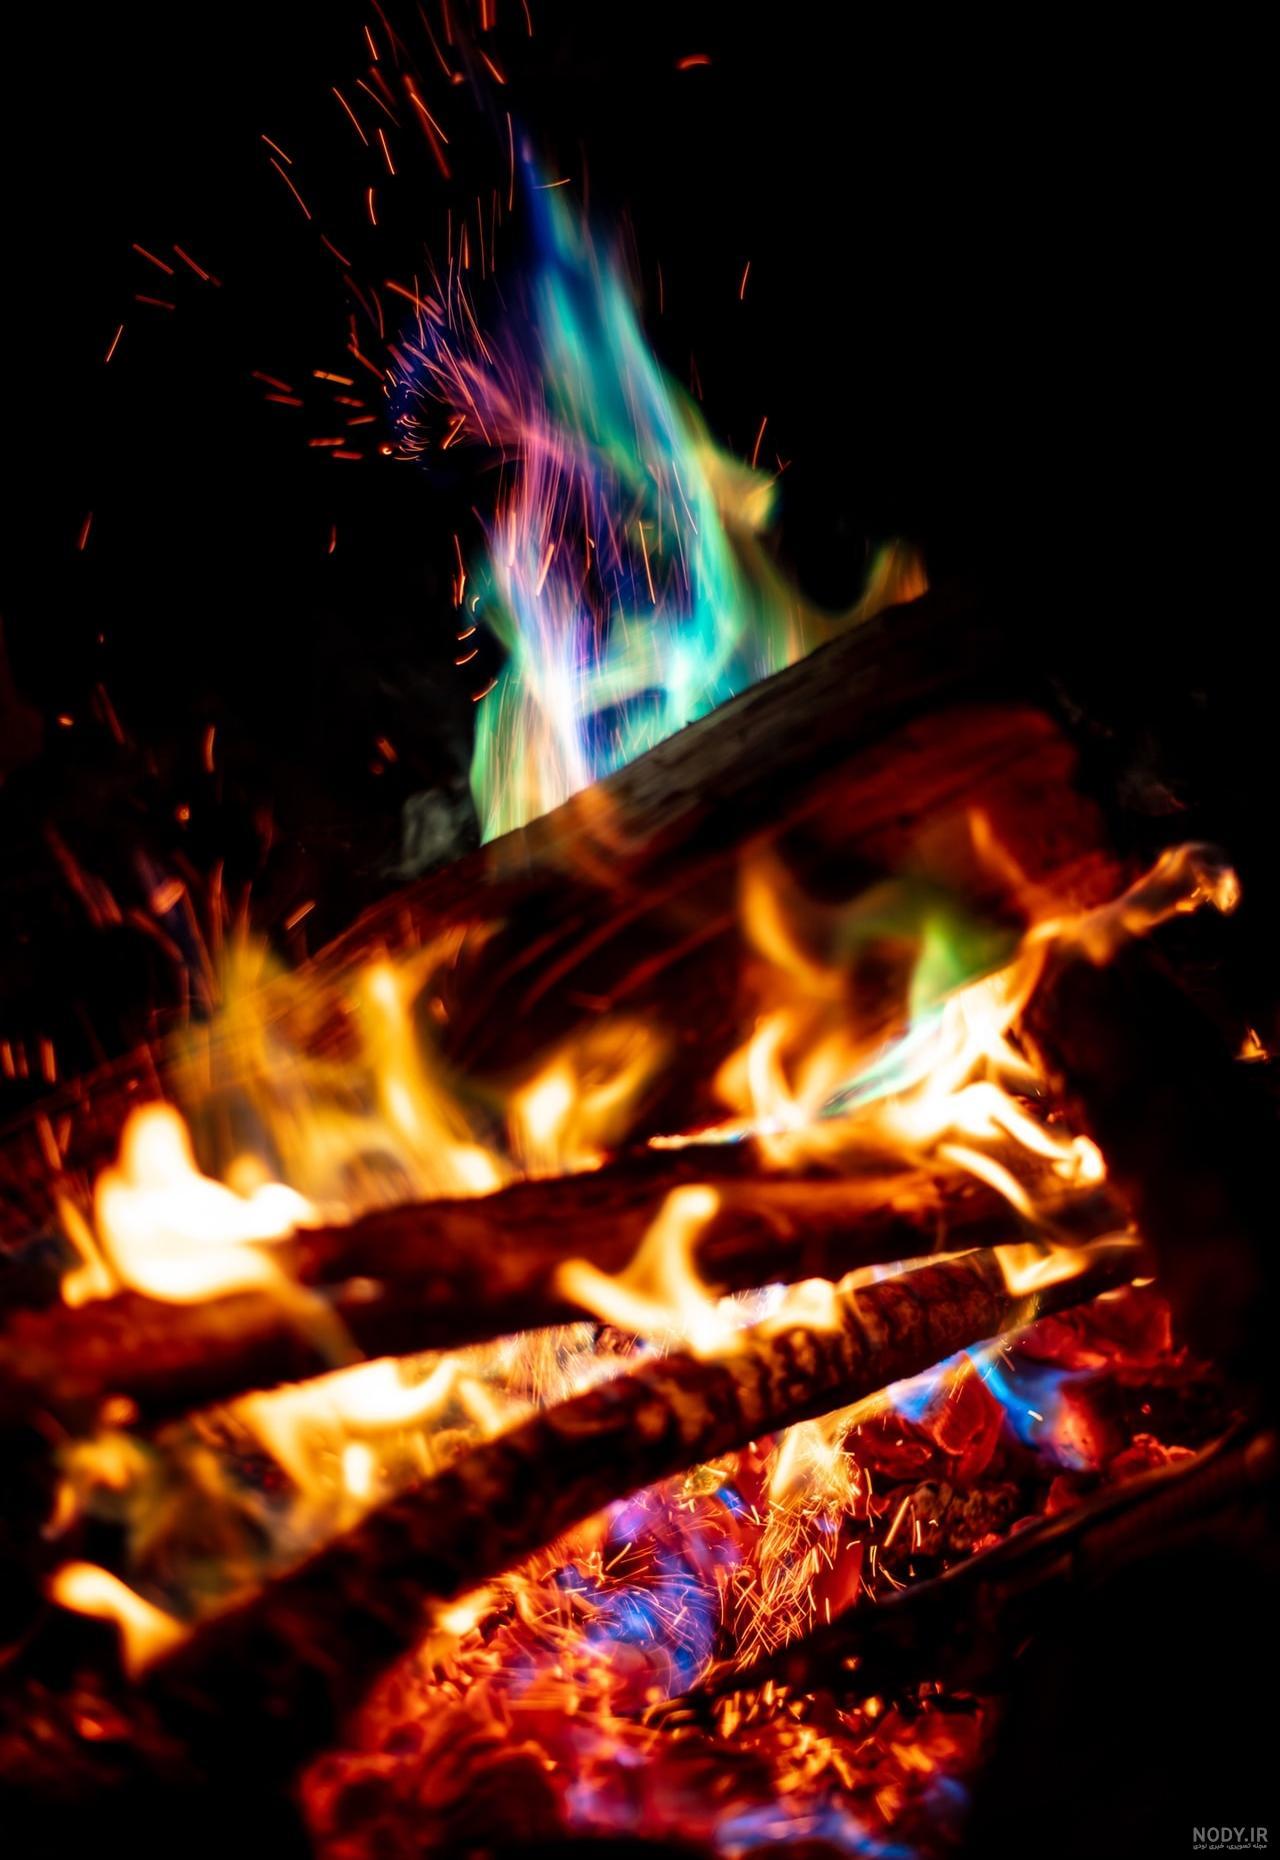 عکس آتش هیزم